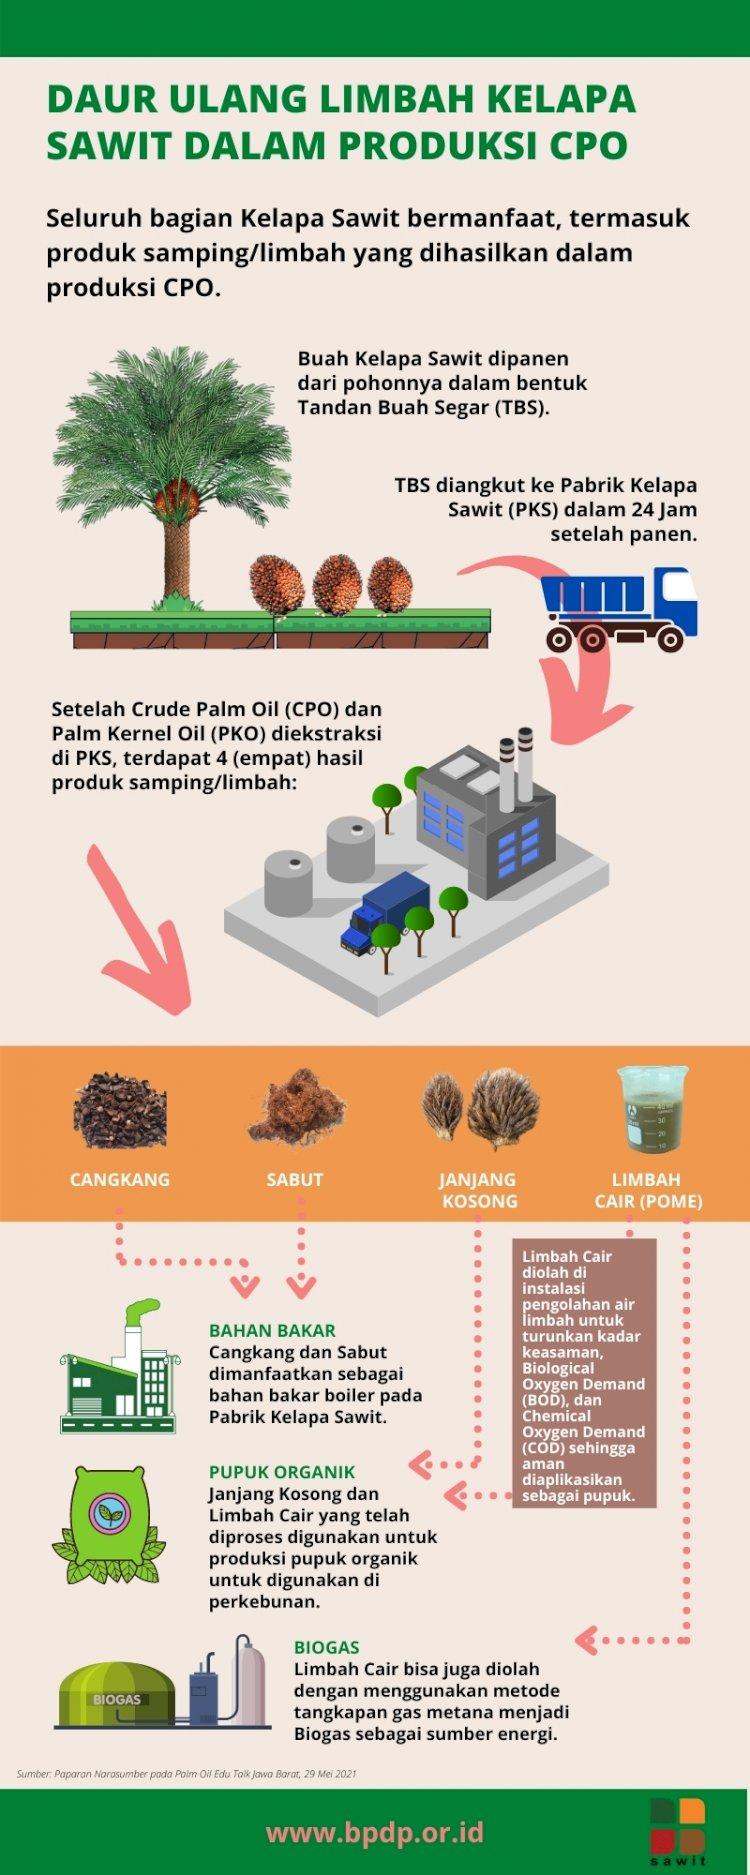 Daur Ulang Limbah Kelapa Sawit dalam Produksi CPO